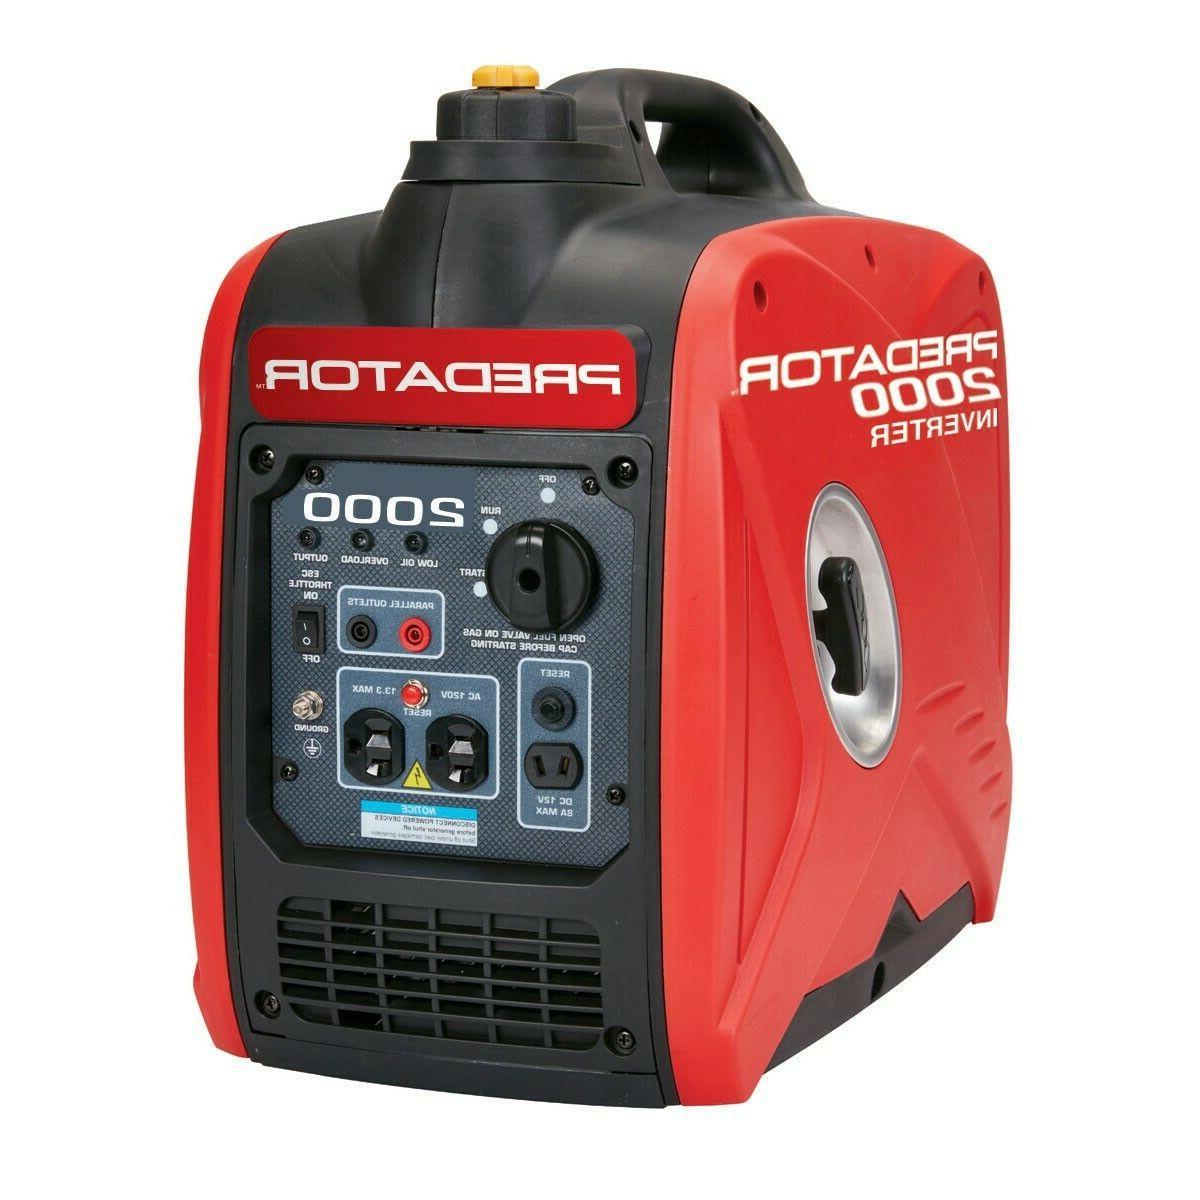 Predator 62523 2000W Super Quiet Portable Inverter Generator